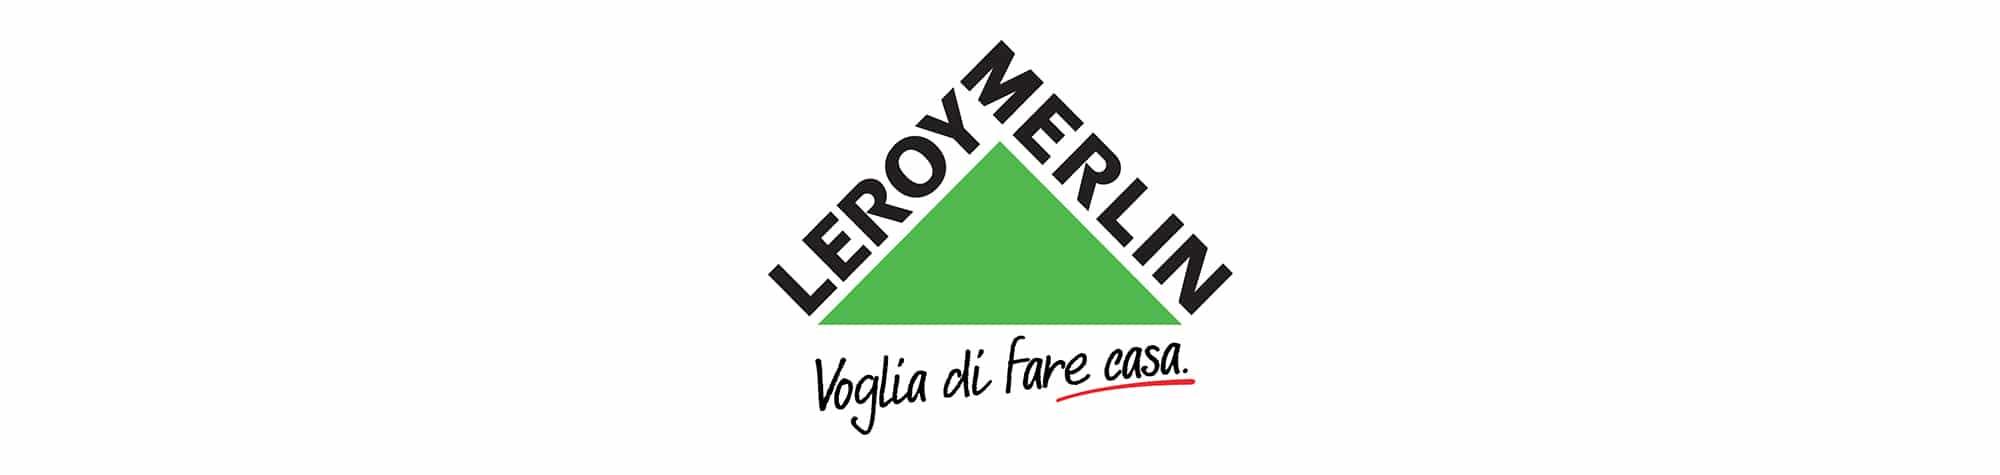 Leroy Merlin Italia sceglie Noesis per le attività di Relazioni Pubbliche e Ufficio Stampa